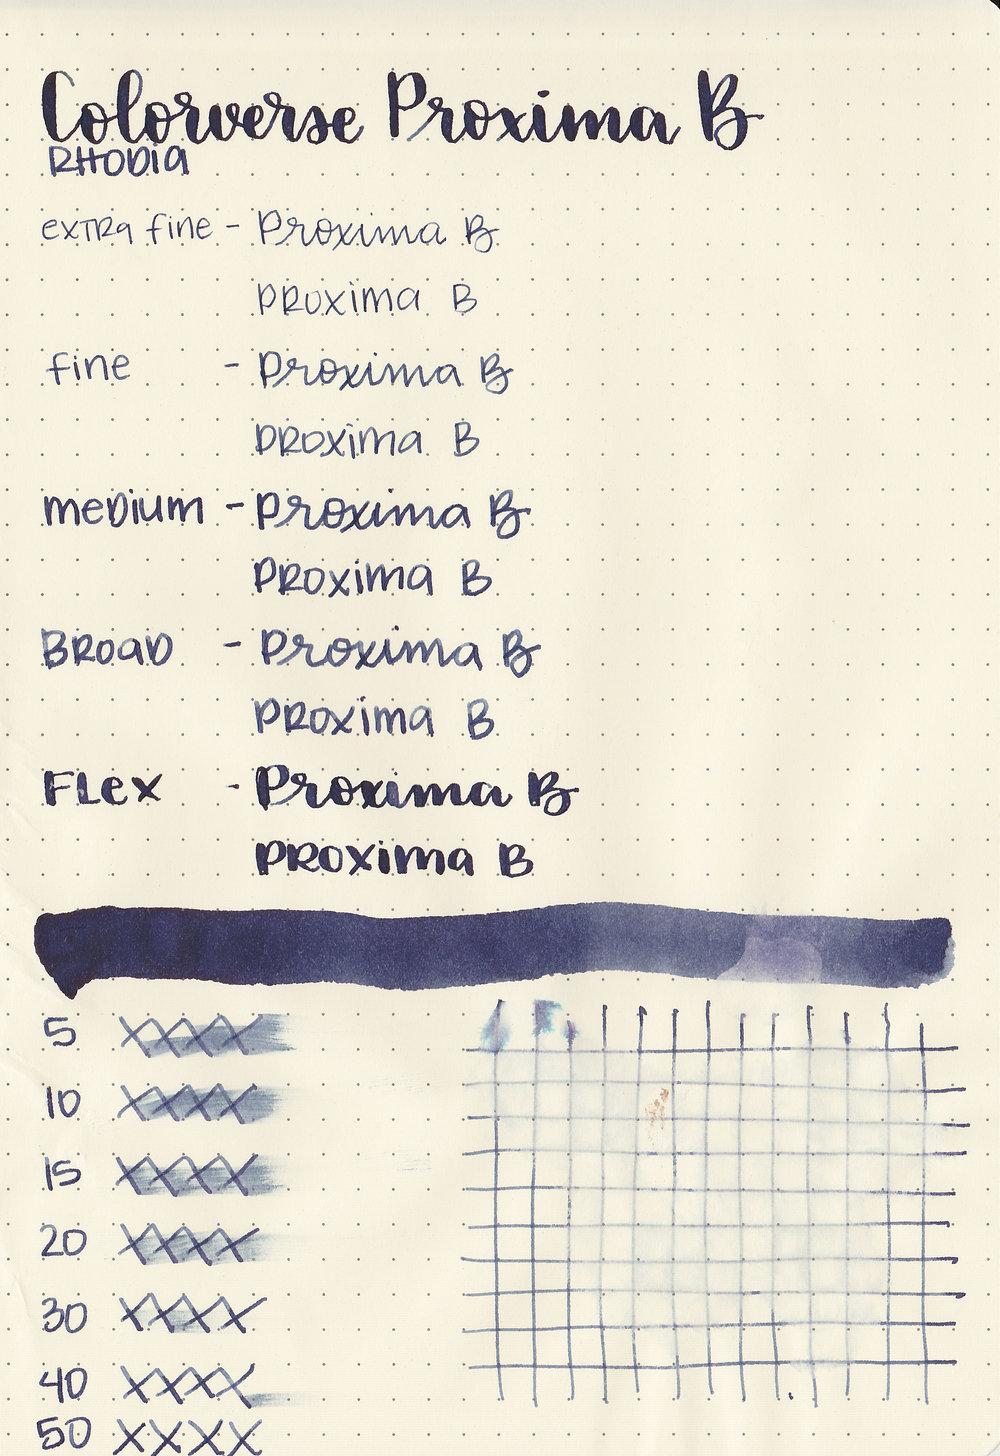 cv-proxima-b-9.jpg